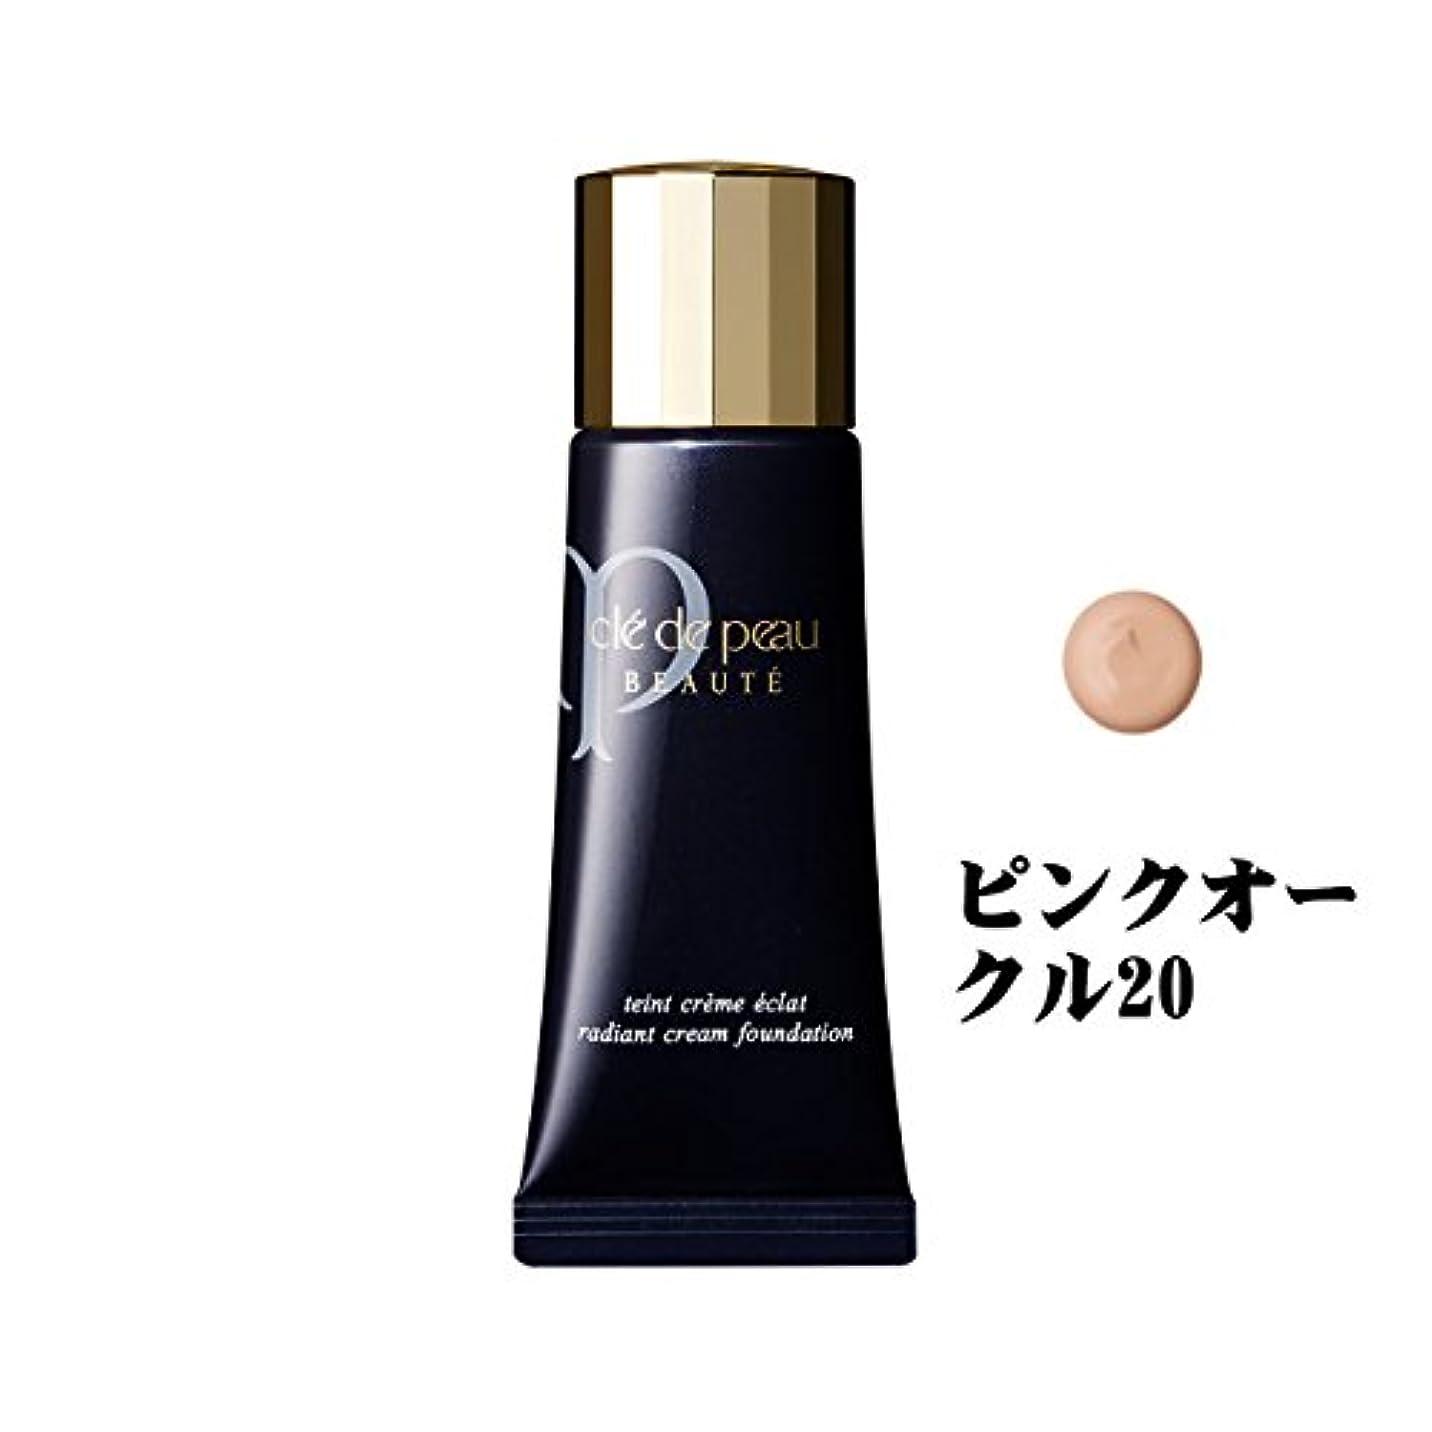 策定するソフトウェア混乱した資生堂/shiseido クレドポーボーテ/CPB タンクレームエクラ クリームタイプ SPF25?PA++ ピンクオークル20